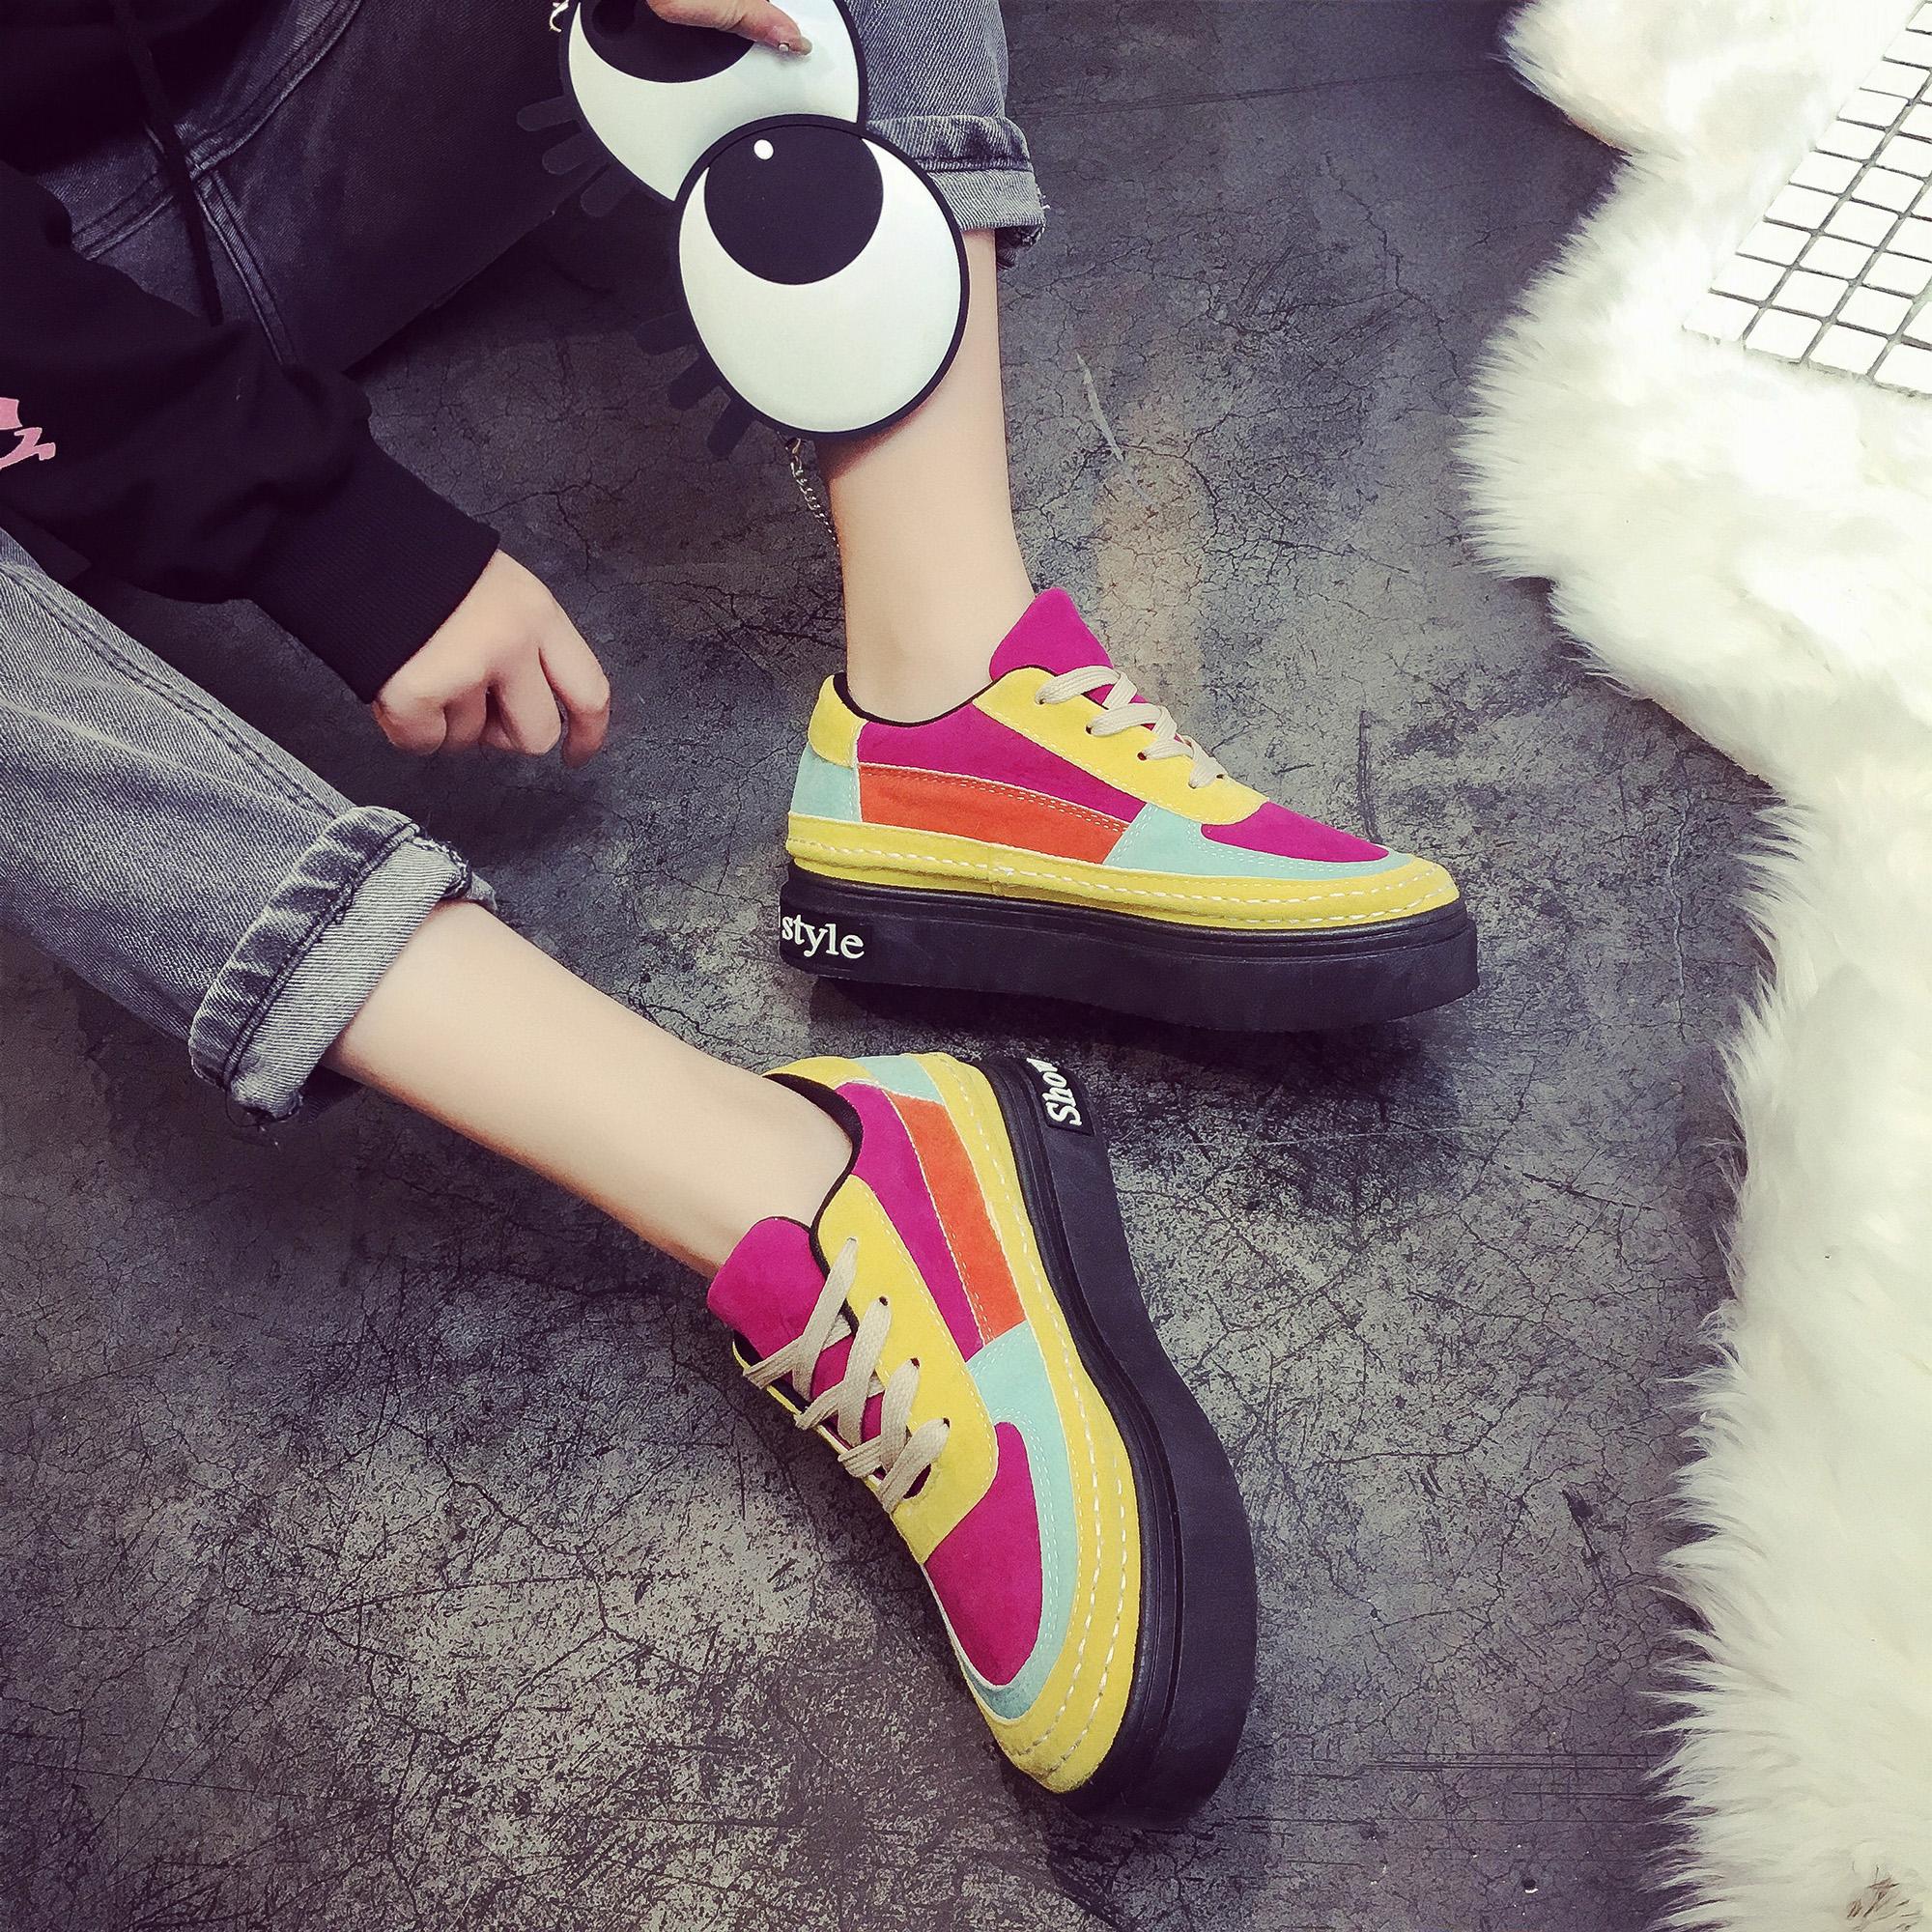 黄色平底鞋 冬季黑白拼色板鞋女2017潮学生韩版厚底保暖平底单鞋字母百搭黄色_推荐淘宝好看的黄色平底鞋